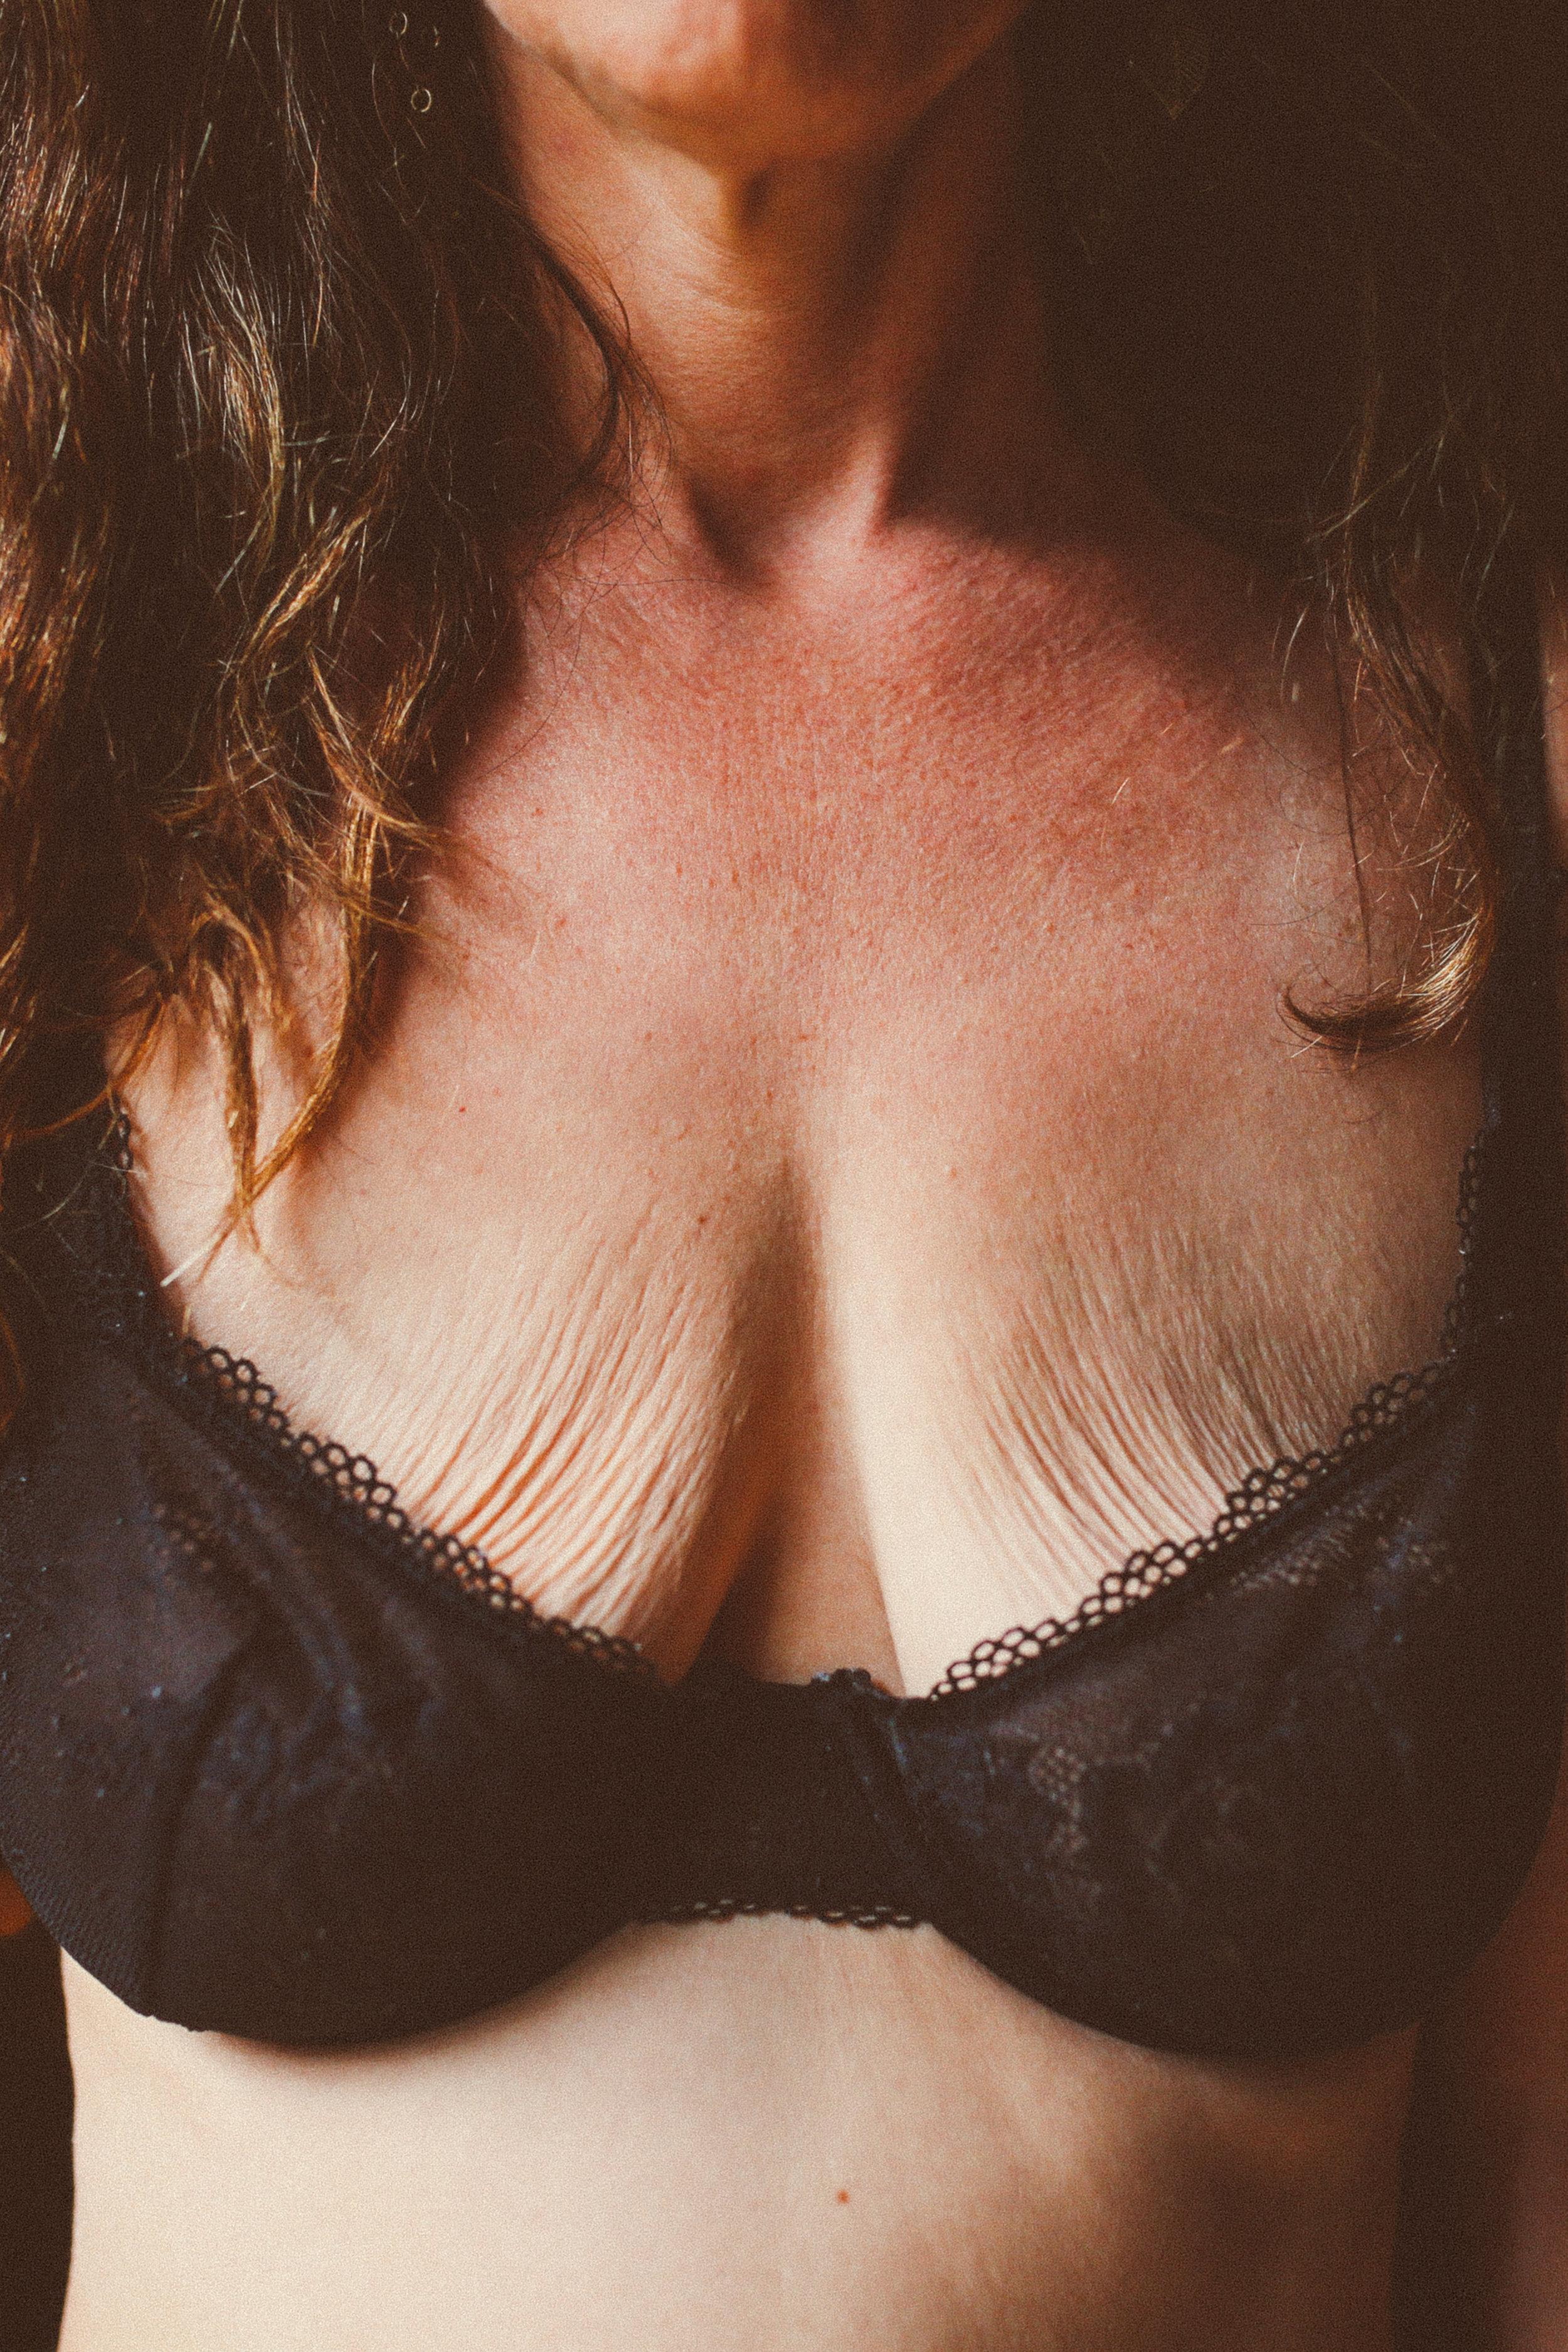 Saggy breast pics